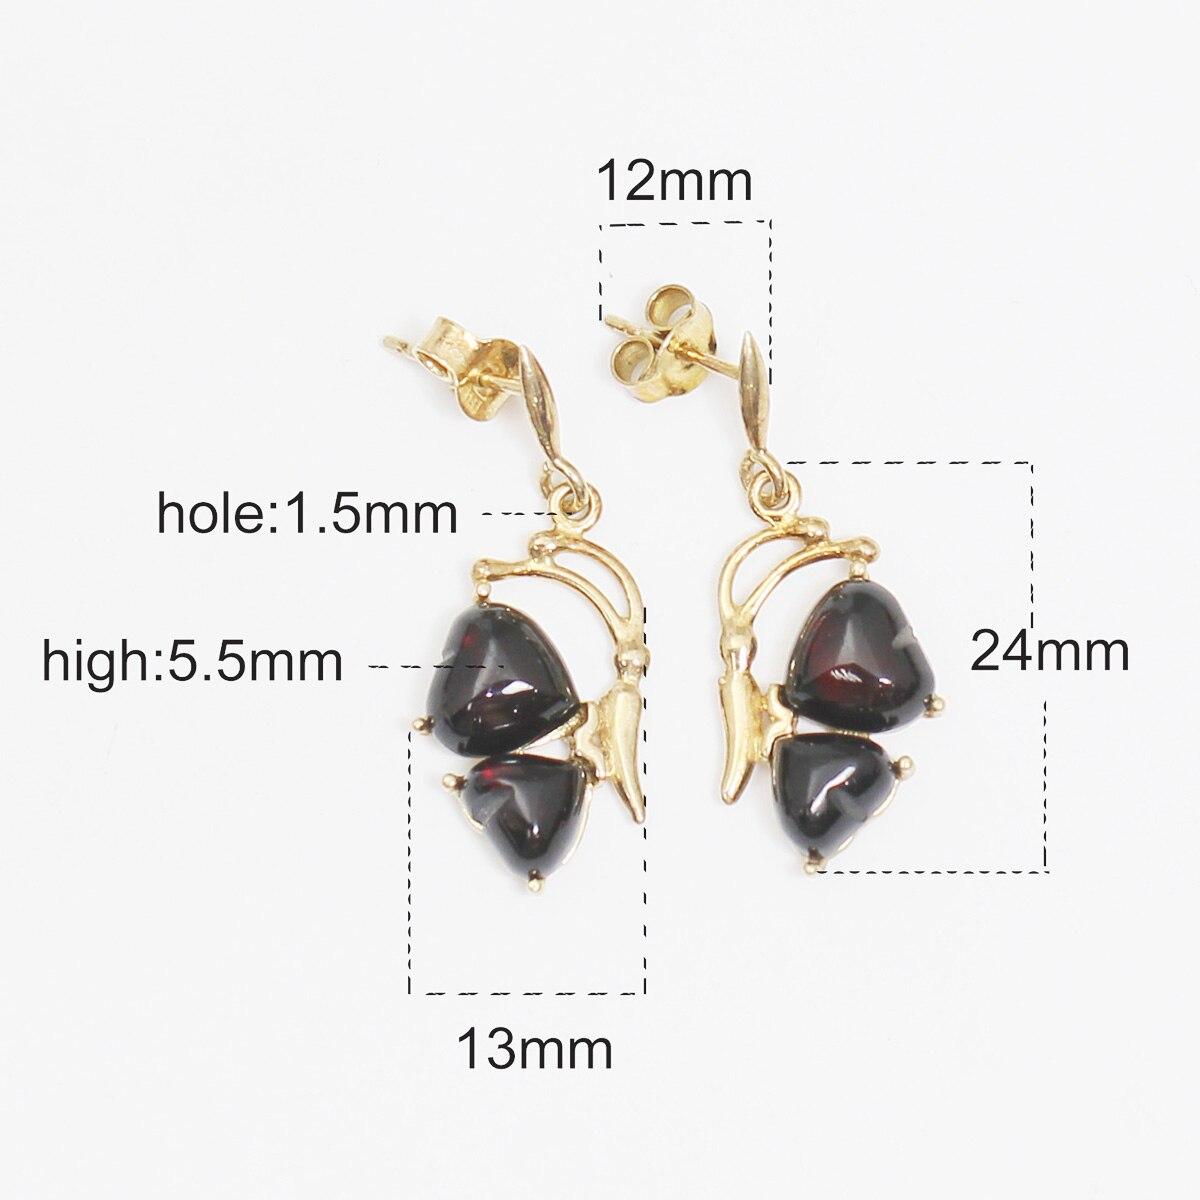 Beadsnice ID39759 or rempli boucle d'oreille fête des mères cadeau bijoux boucles d'oreilles pour les femmes - 2